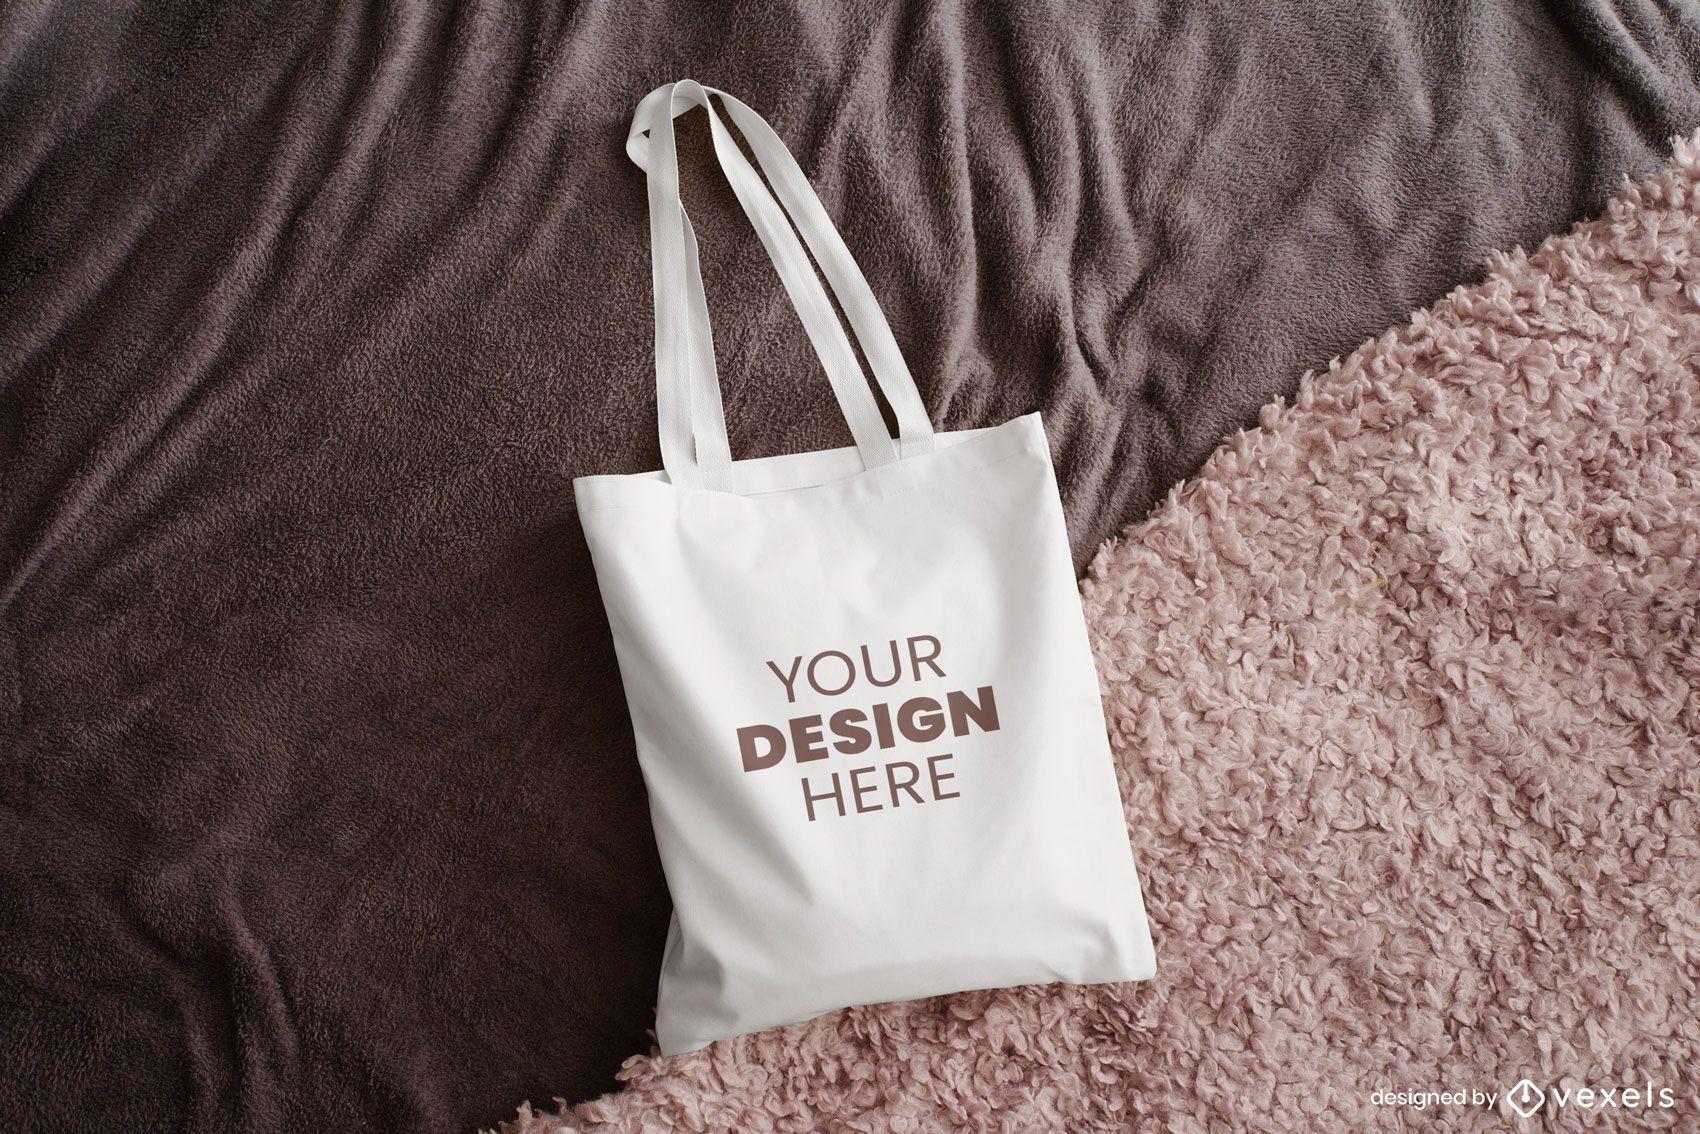 Tote bag blanket mockup design